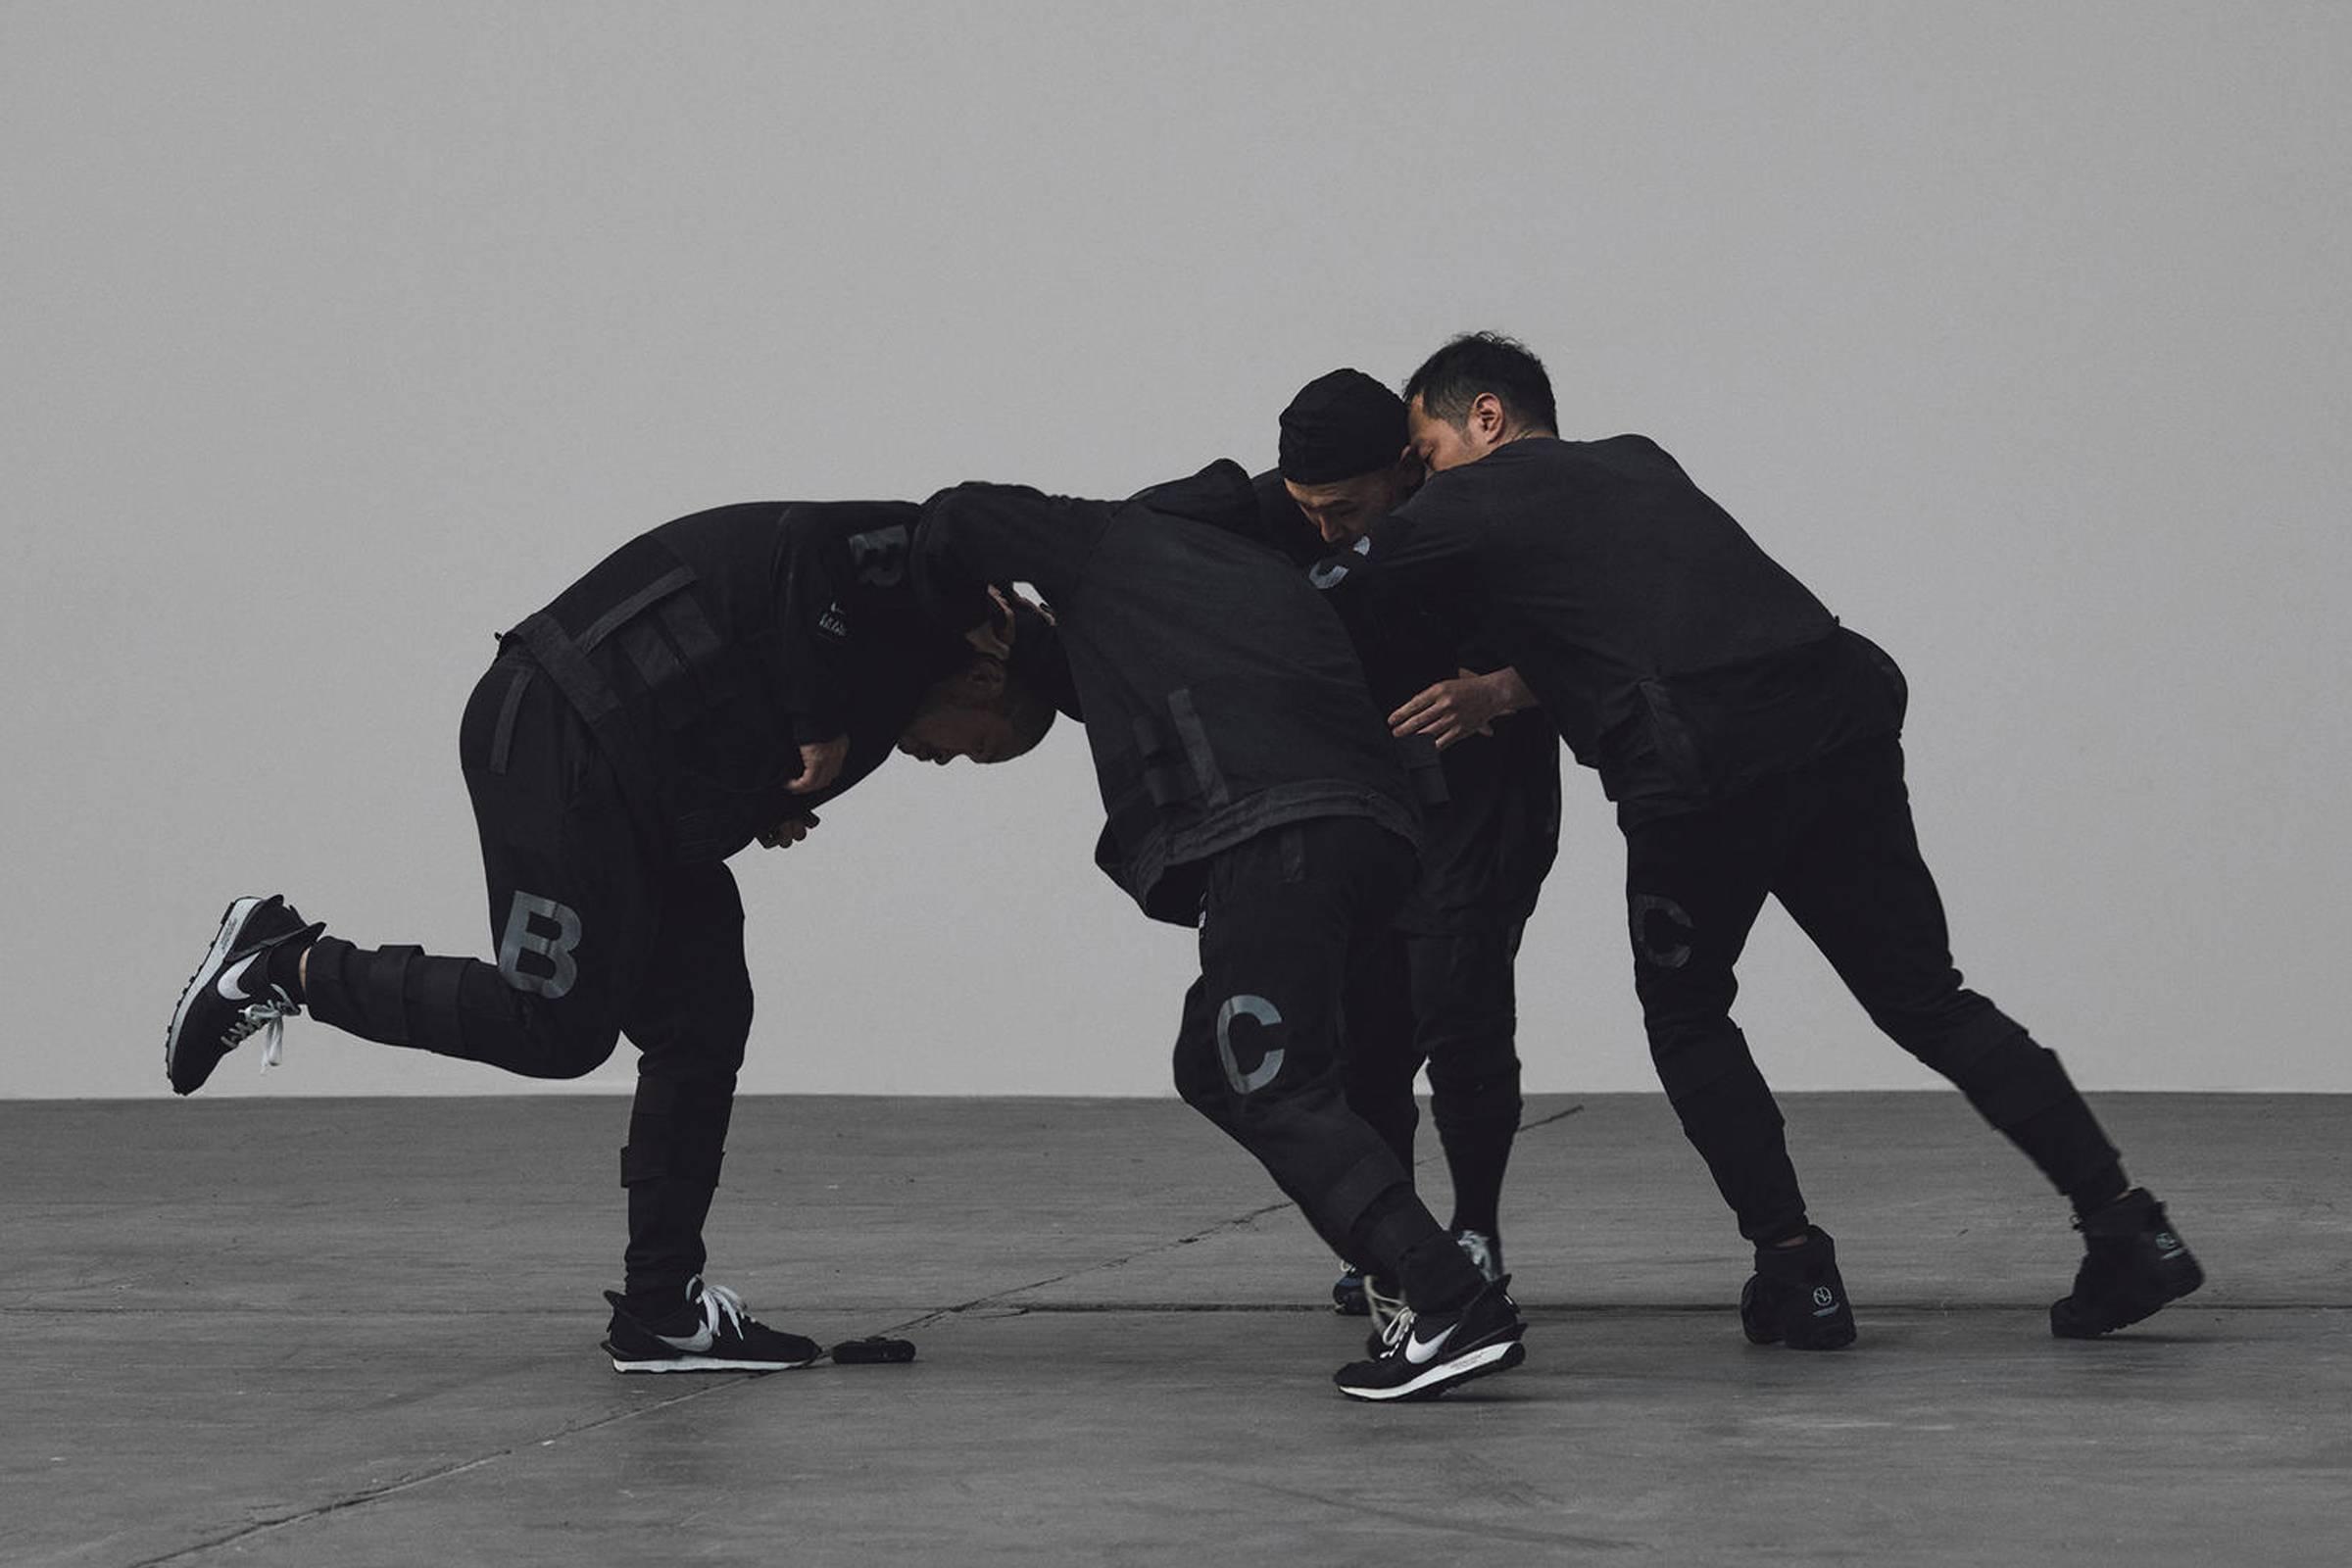 Jun Takahashi and Nike